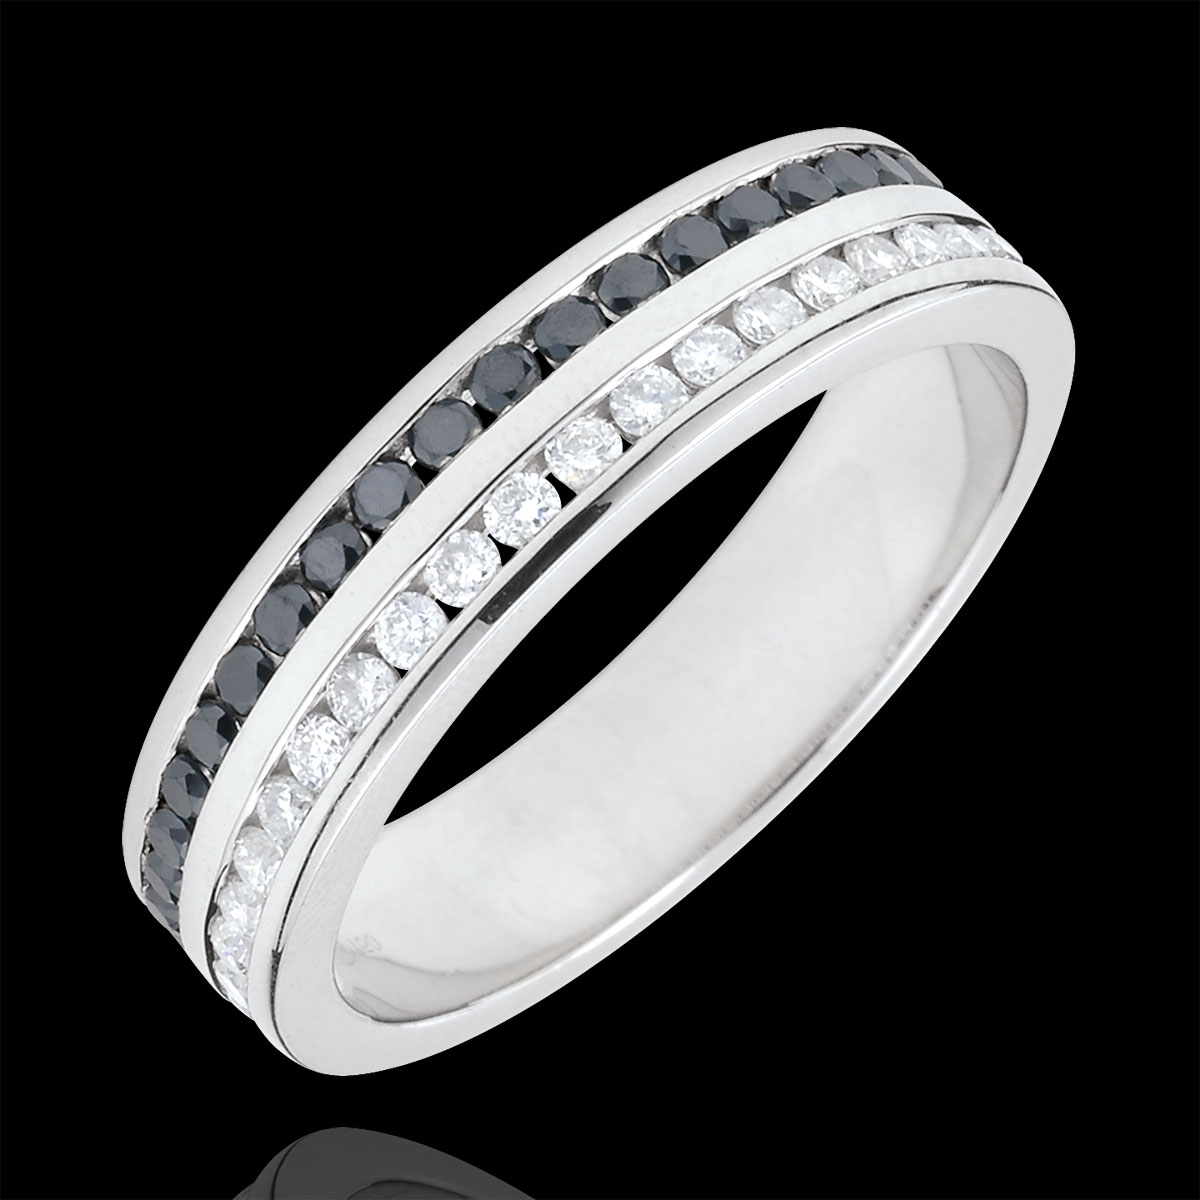 diamant pour cellule phono shure sh n comparer les prix et promo. Black Bedroom Furniture Sets. Home Design Ideas